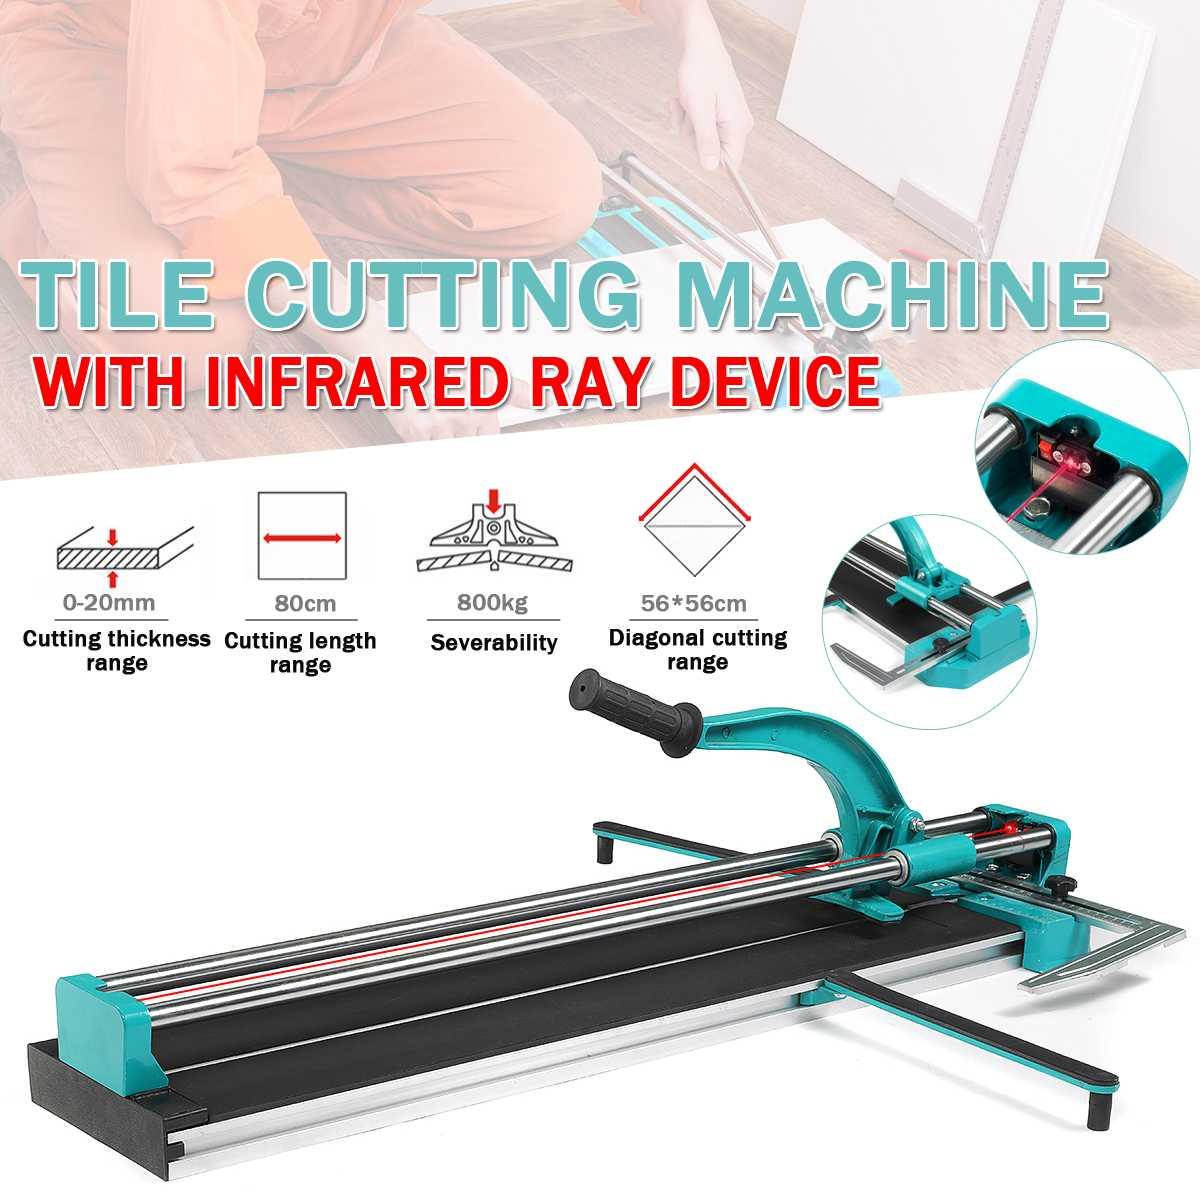 آلة قطع البلاط اليدوية الاحترافية ، قاطع البلاط بالليزر بالأشعة تحت الحمراء 800 ، سكين الدفع لقطع السيراميك والجدران والأرضيات